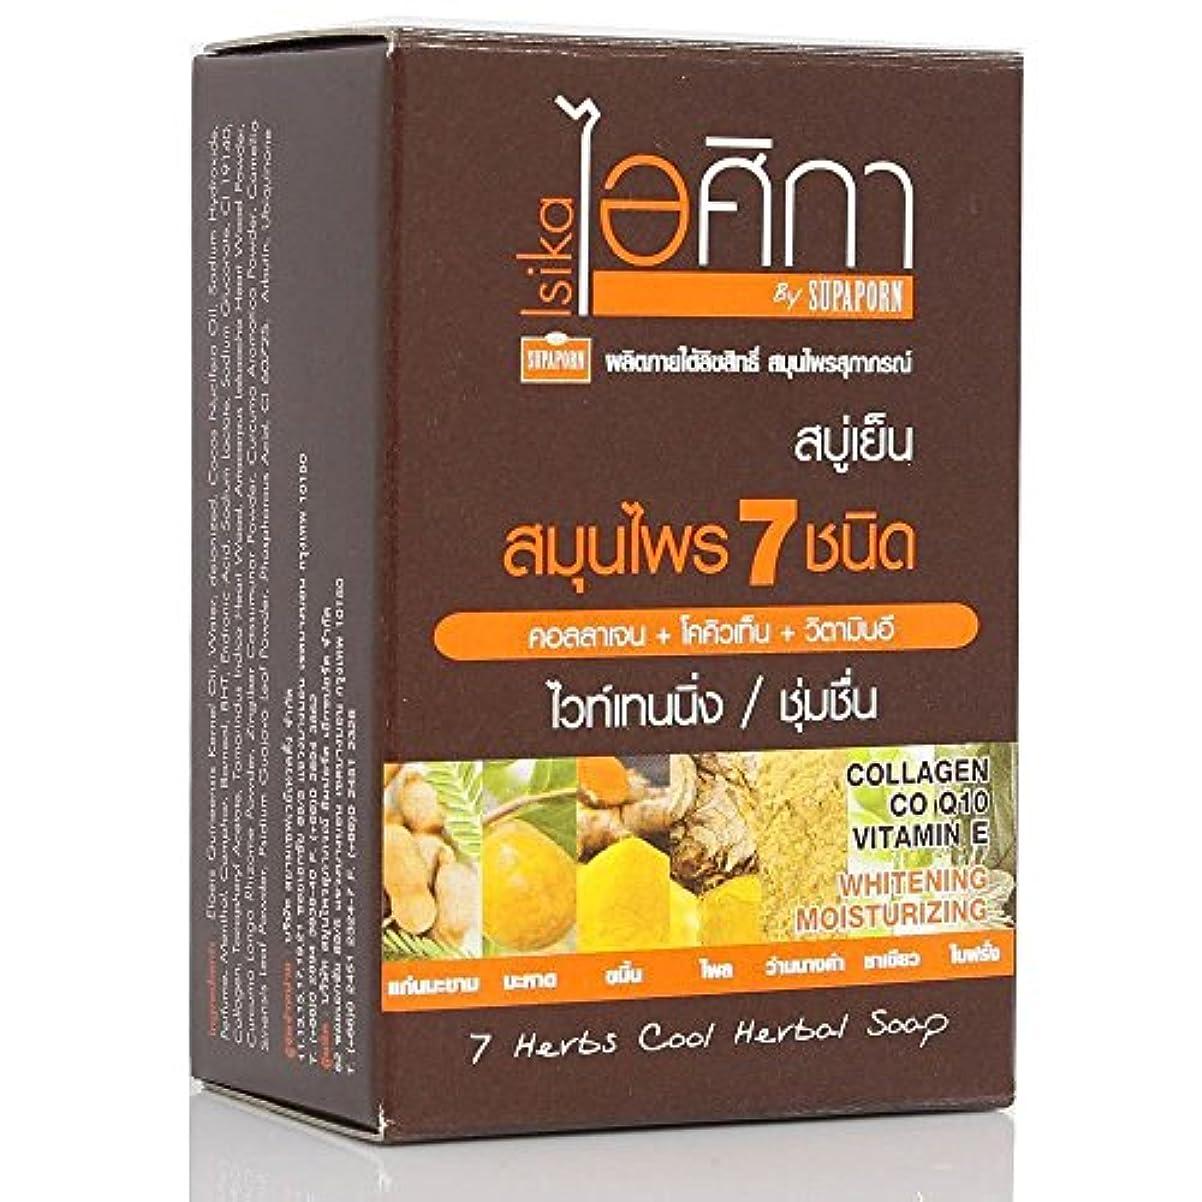 地質学軍艦発送Isika 7 herbs Cool Herbal Soap with Collagen, Co-enzyme Q10, Vitamin E 100g